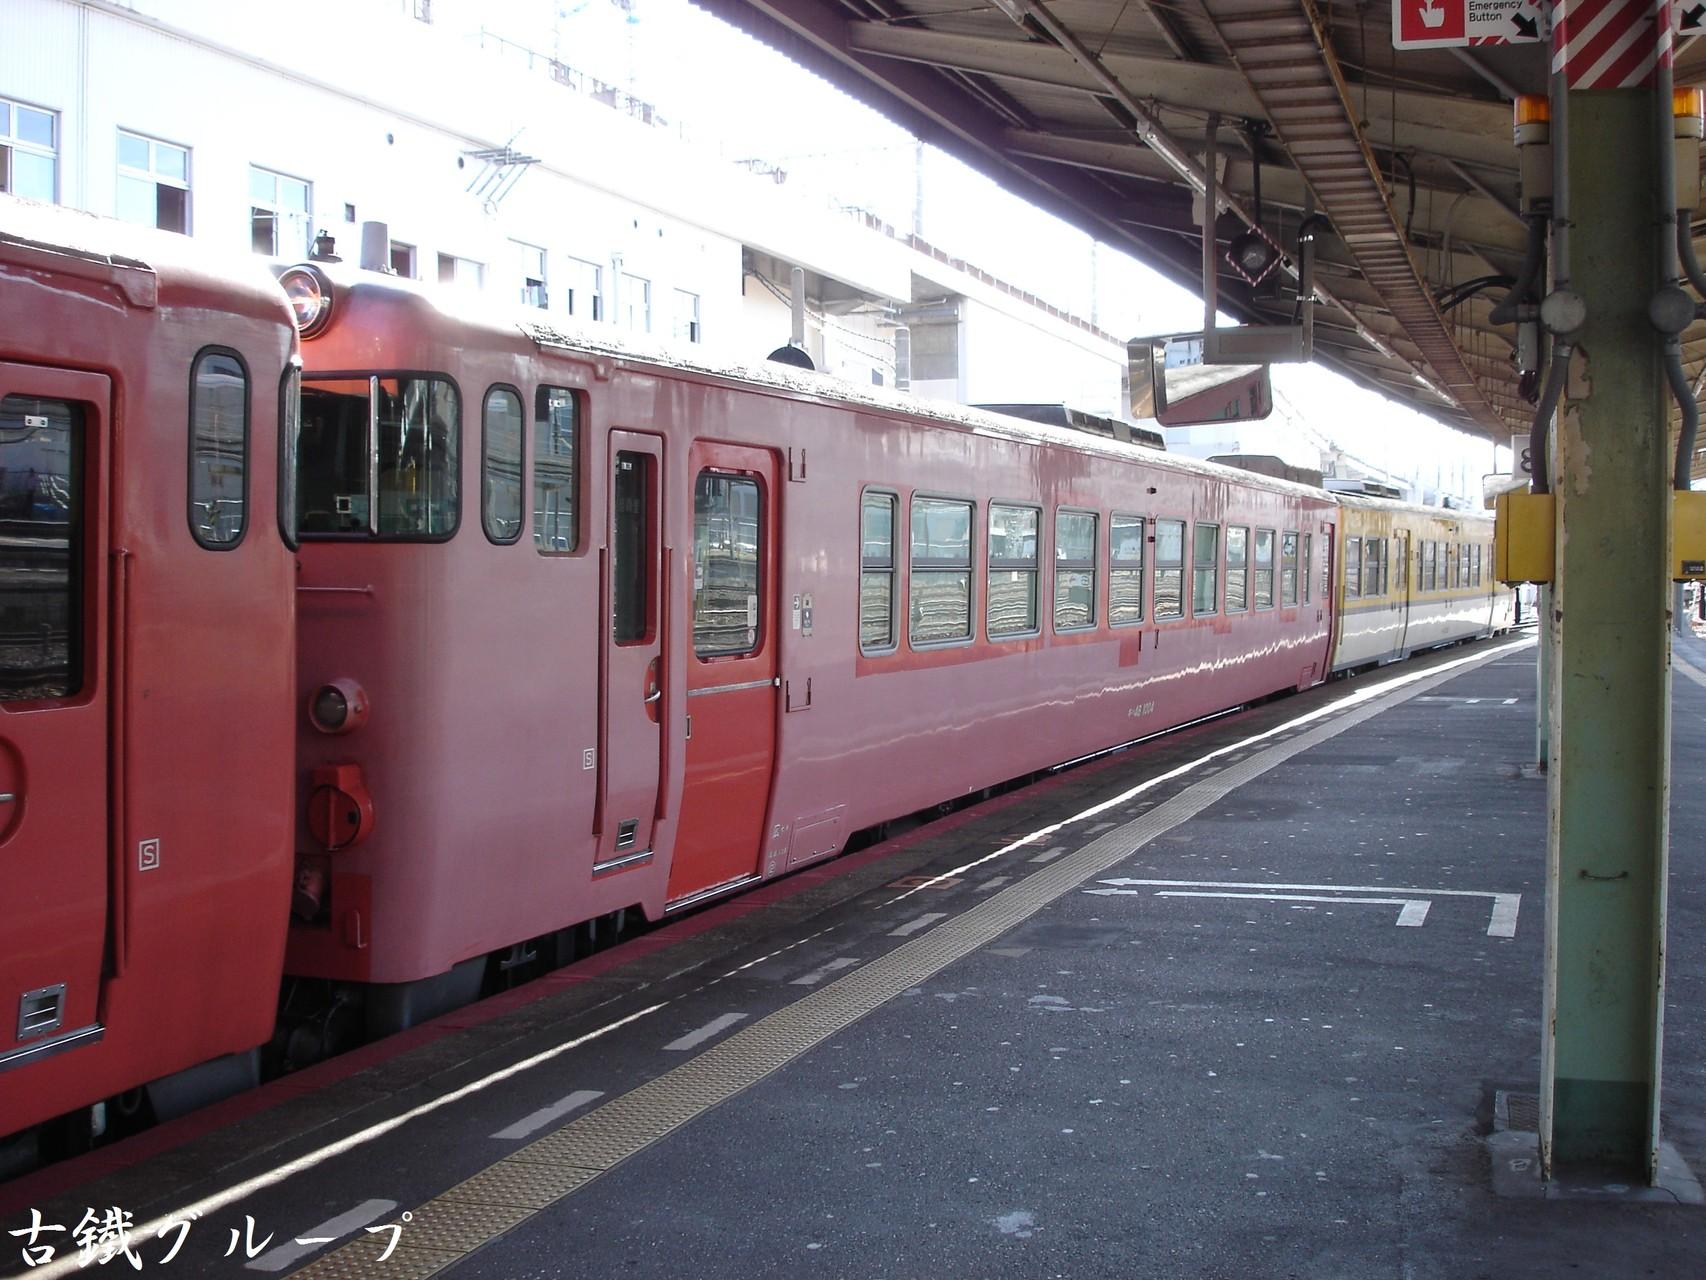 キハ48 1004(2013年9月)